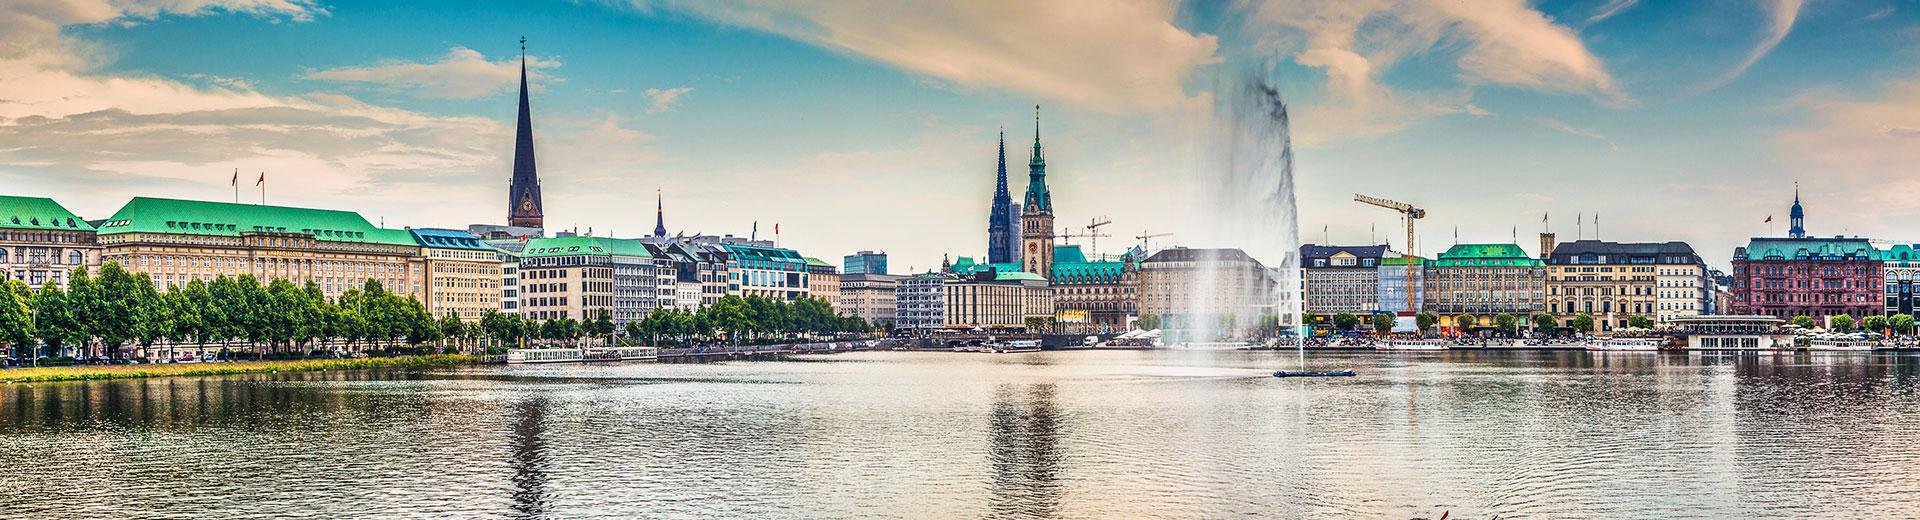 Voyage en groupe Hambourg - offre confort vol